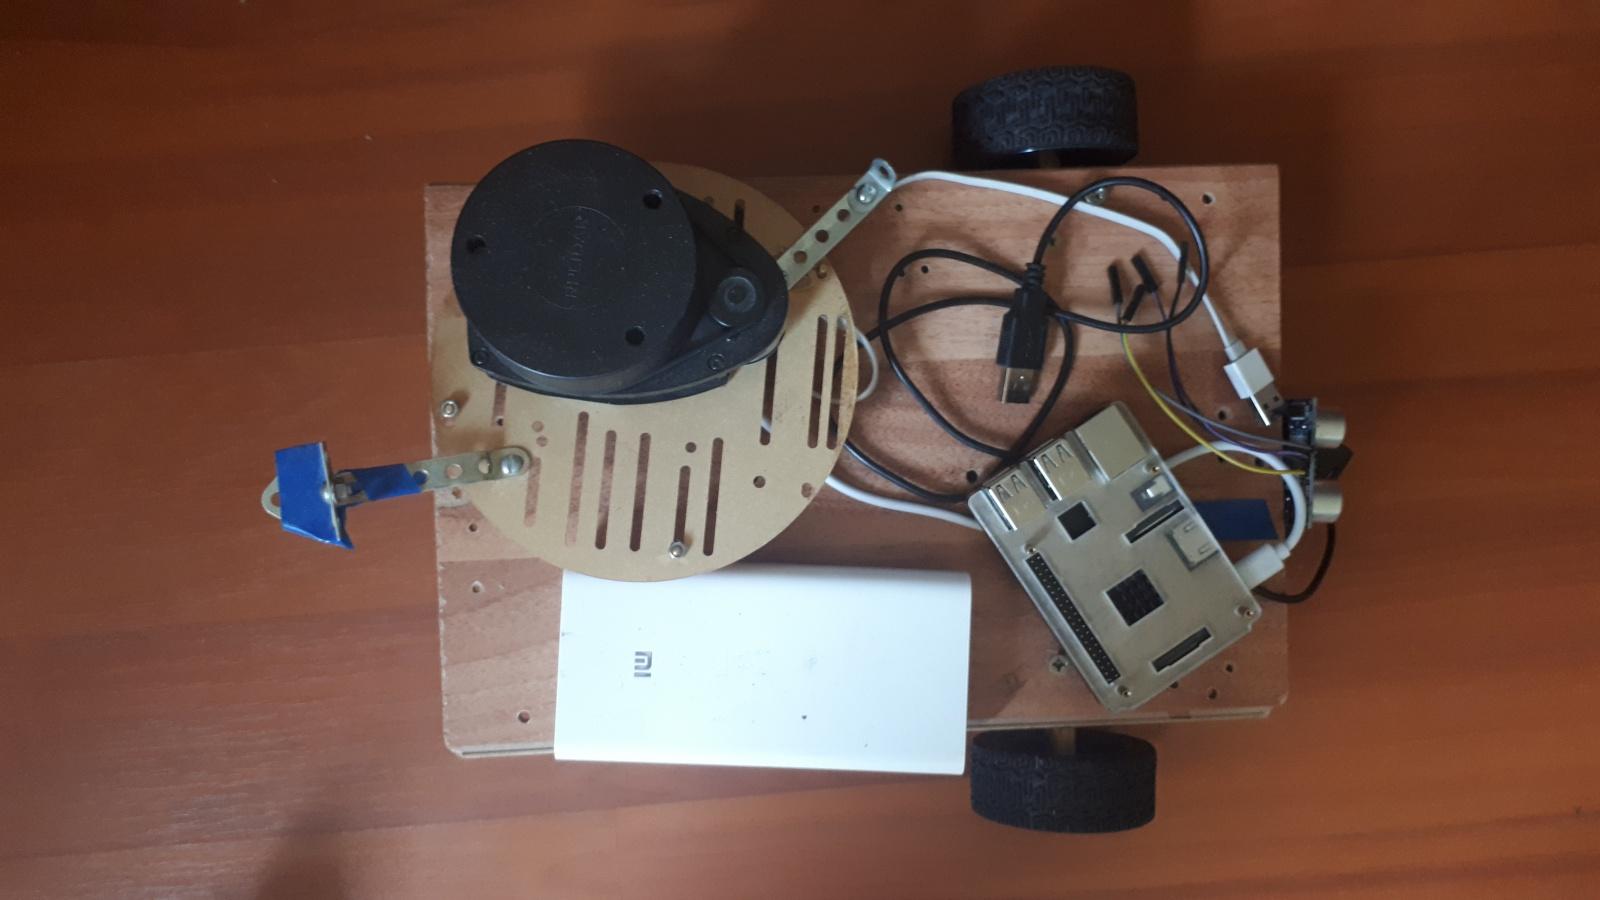 Робот-тележка 2.0. Автономная навигация домашнего робота на базе ROS. Часть 1 - 2